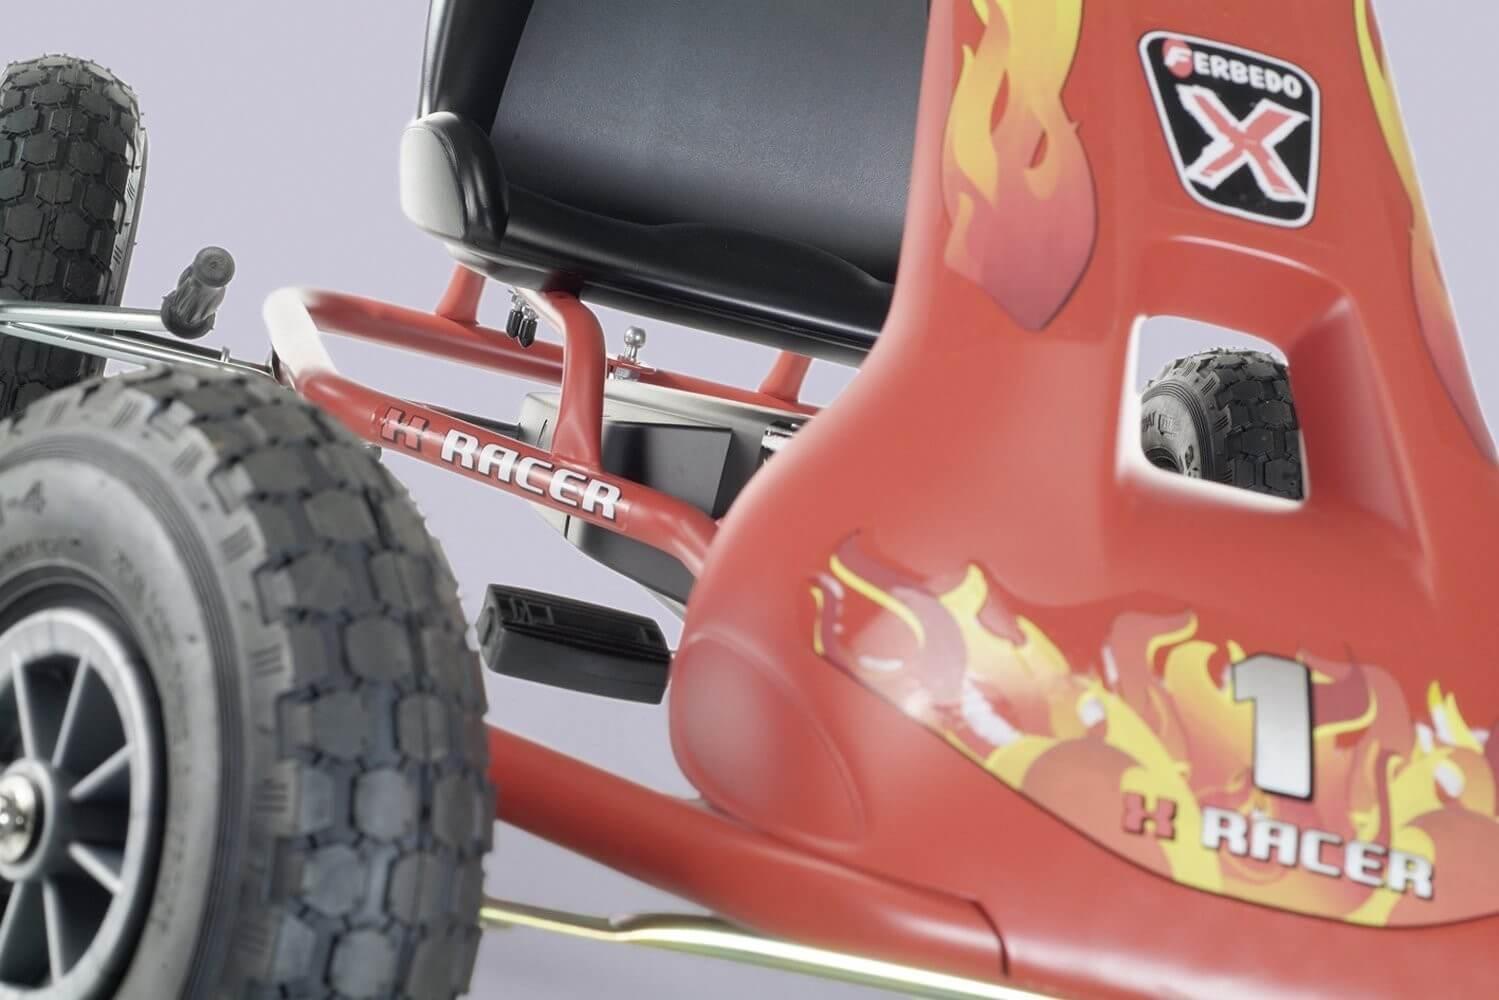 FERBEDO Air Runner - Modell Fire - Kauftipp bei gokart-profi.de Gokart für Kinder 3 bis 8 Jahre